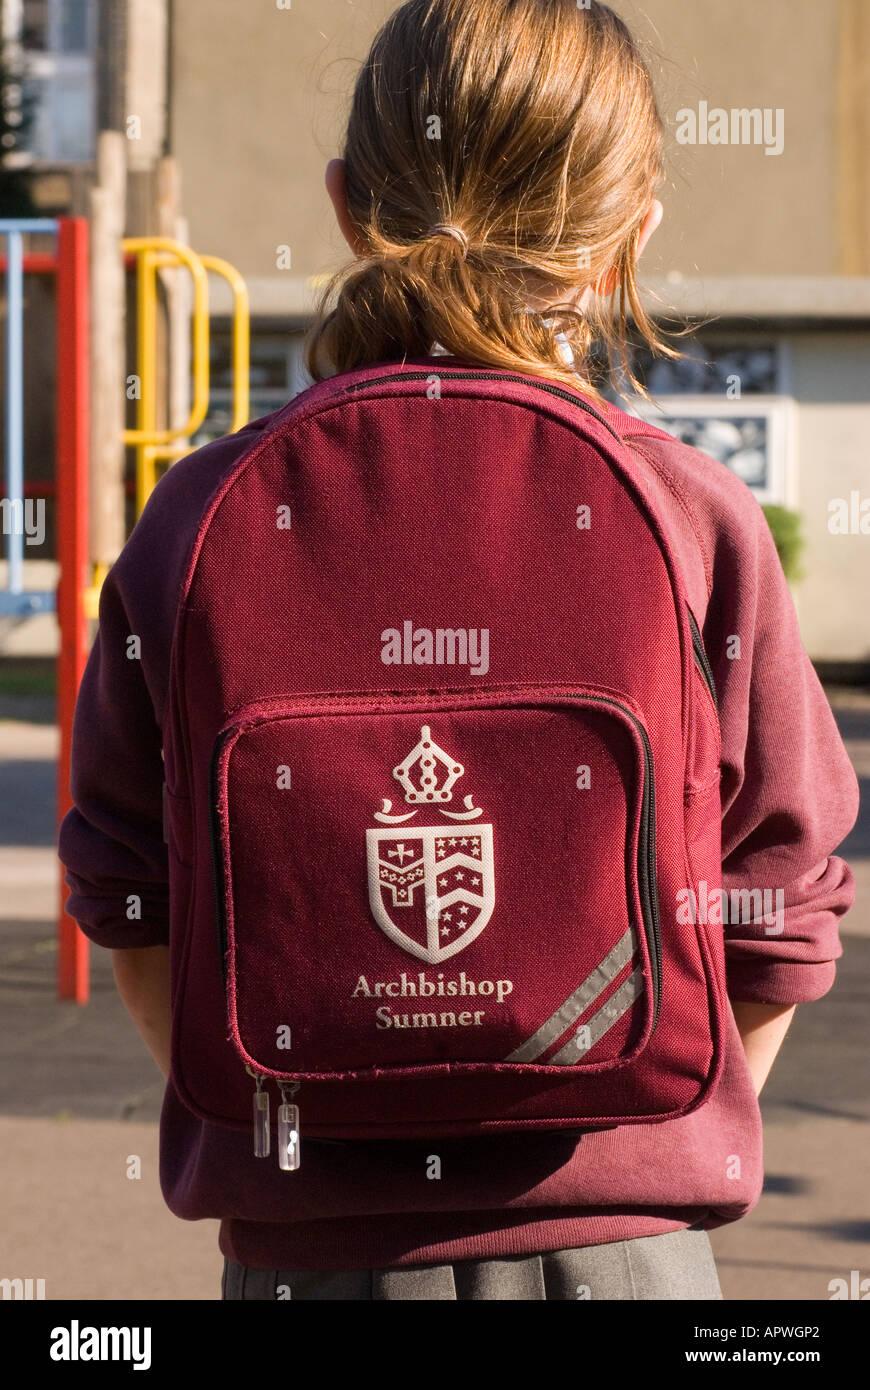 Primary schoolgirl wearing school logo backpack, London, UK. - Stock Image